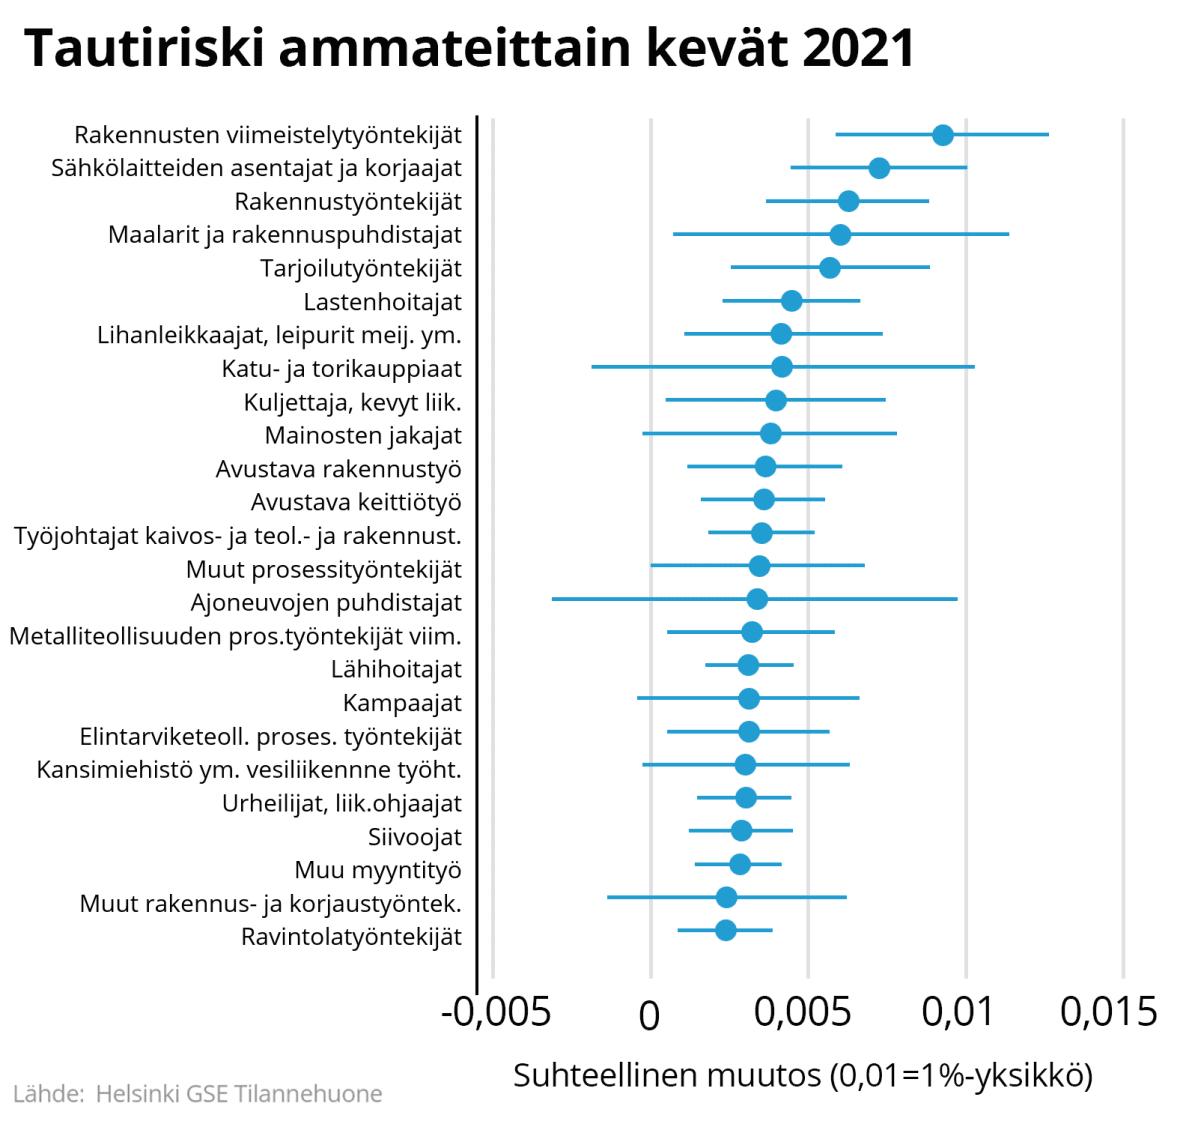 Tautiriski ammateittain kevät 2021